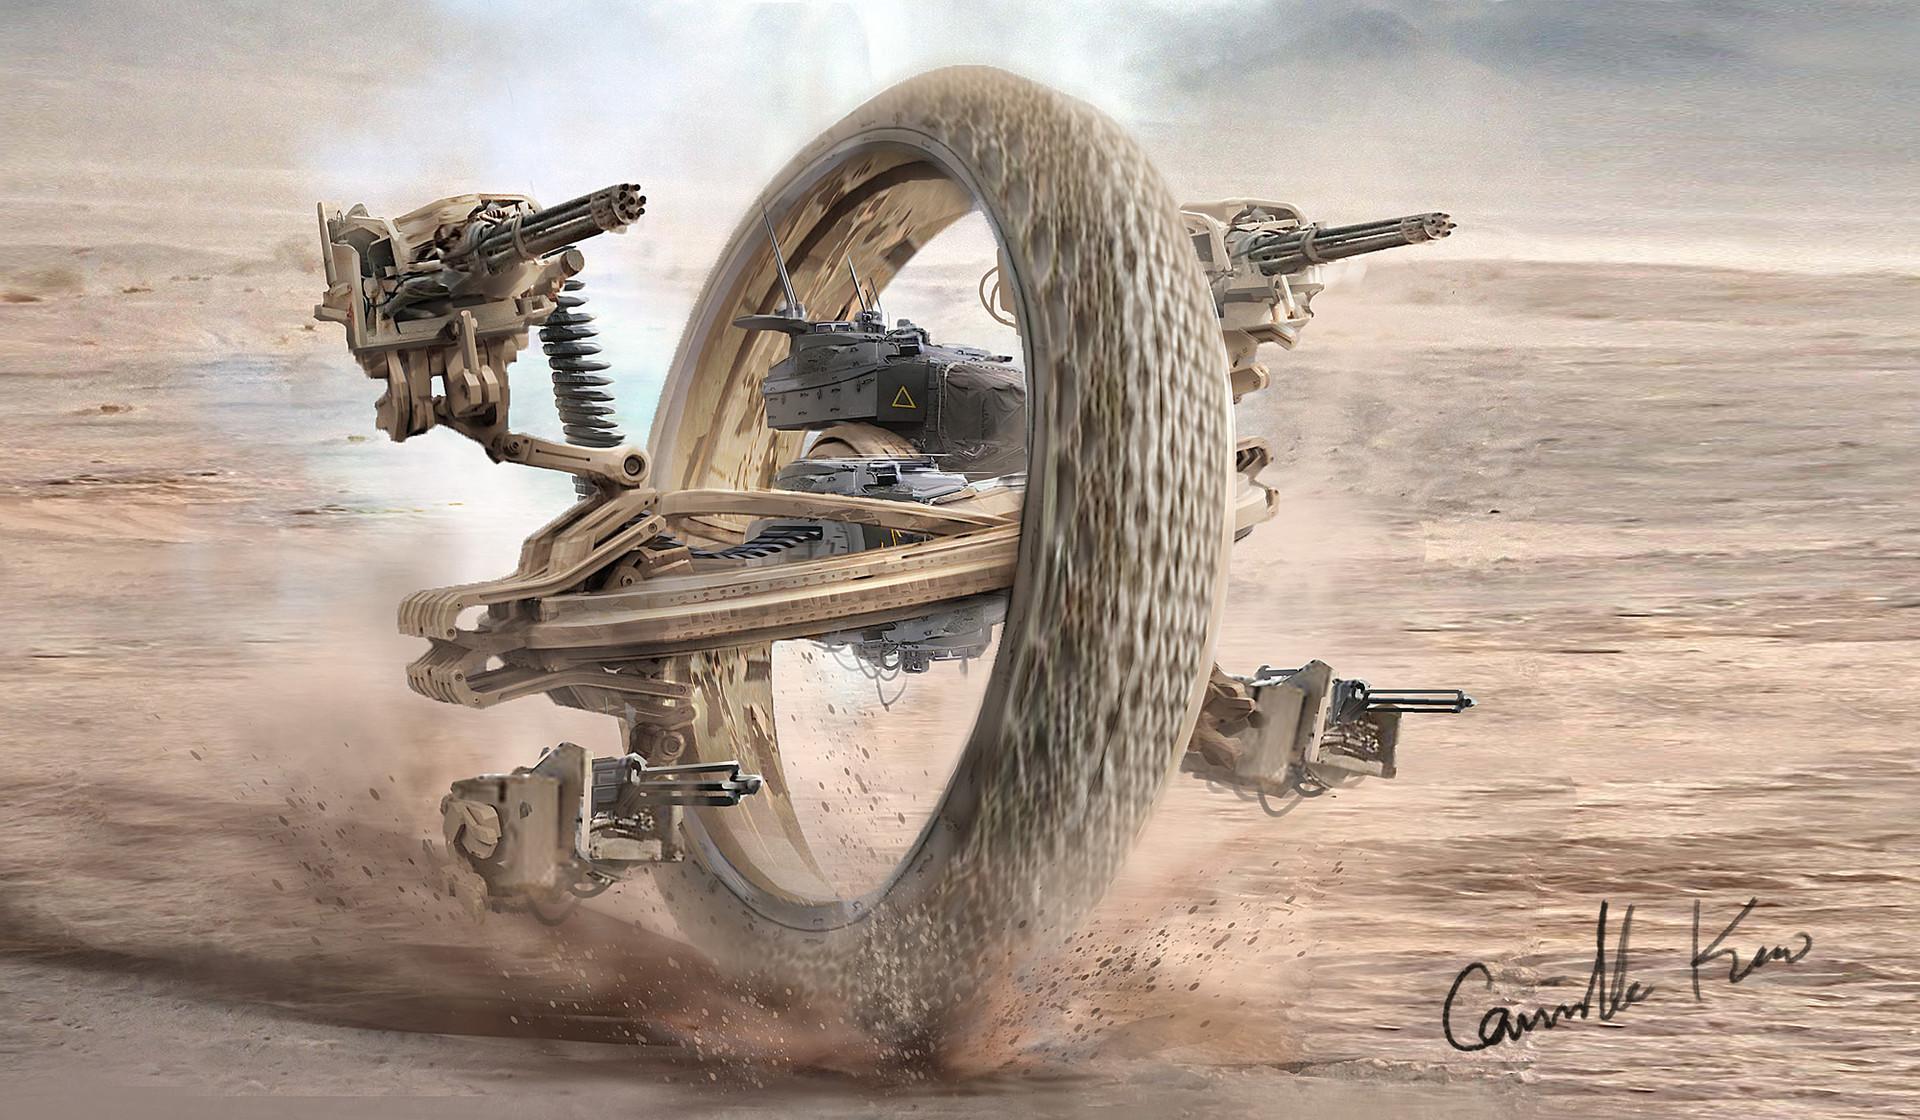 Camille kuo rollergun camillekuo